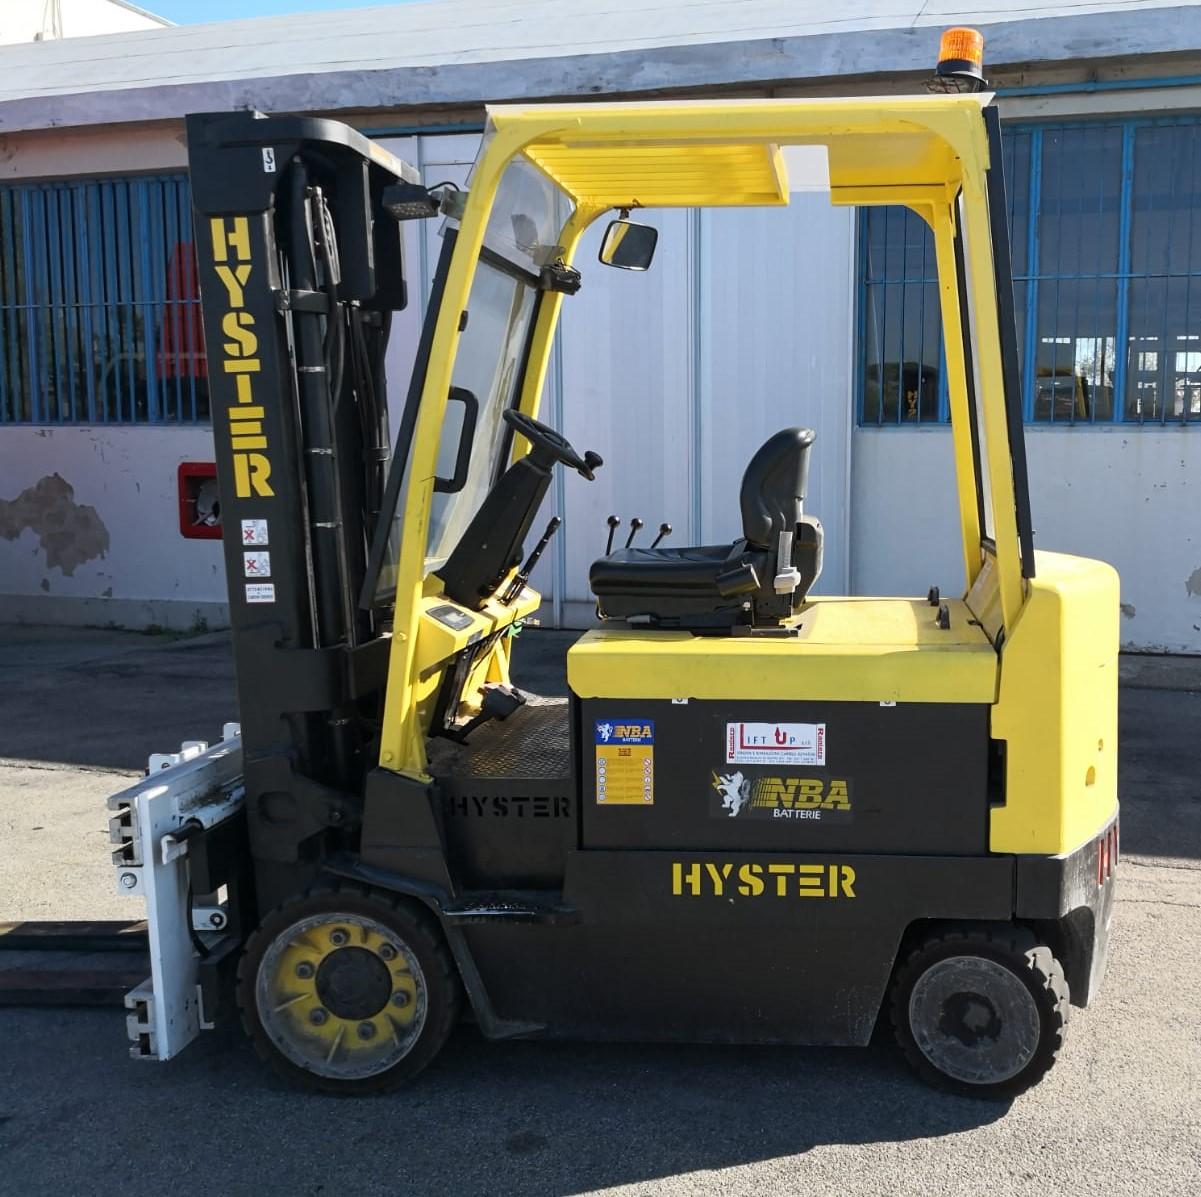 Carrello elevatore elettrico Hyster mod E 4.00 xl in vendita - foto 4